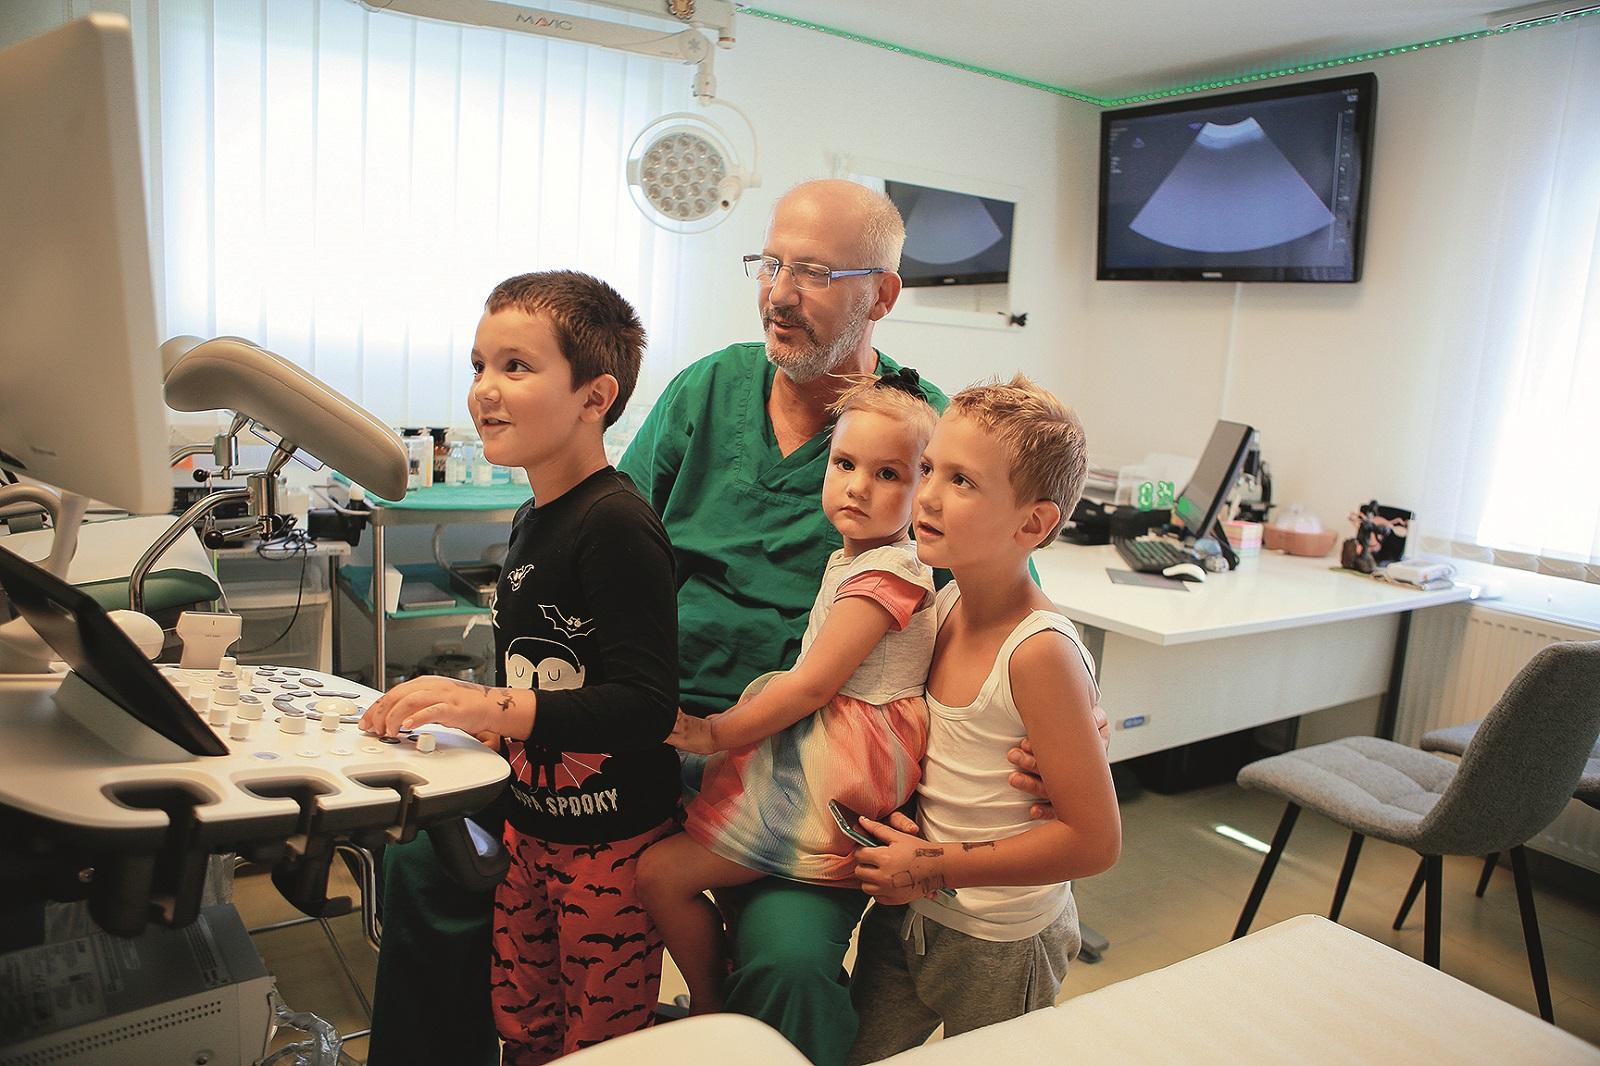 Gospic 03.09.2020 Darko Gusic i obitelj - privatna ginekoloska ordinacija foto vedran peteh